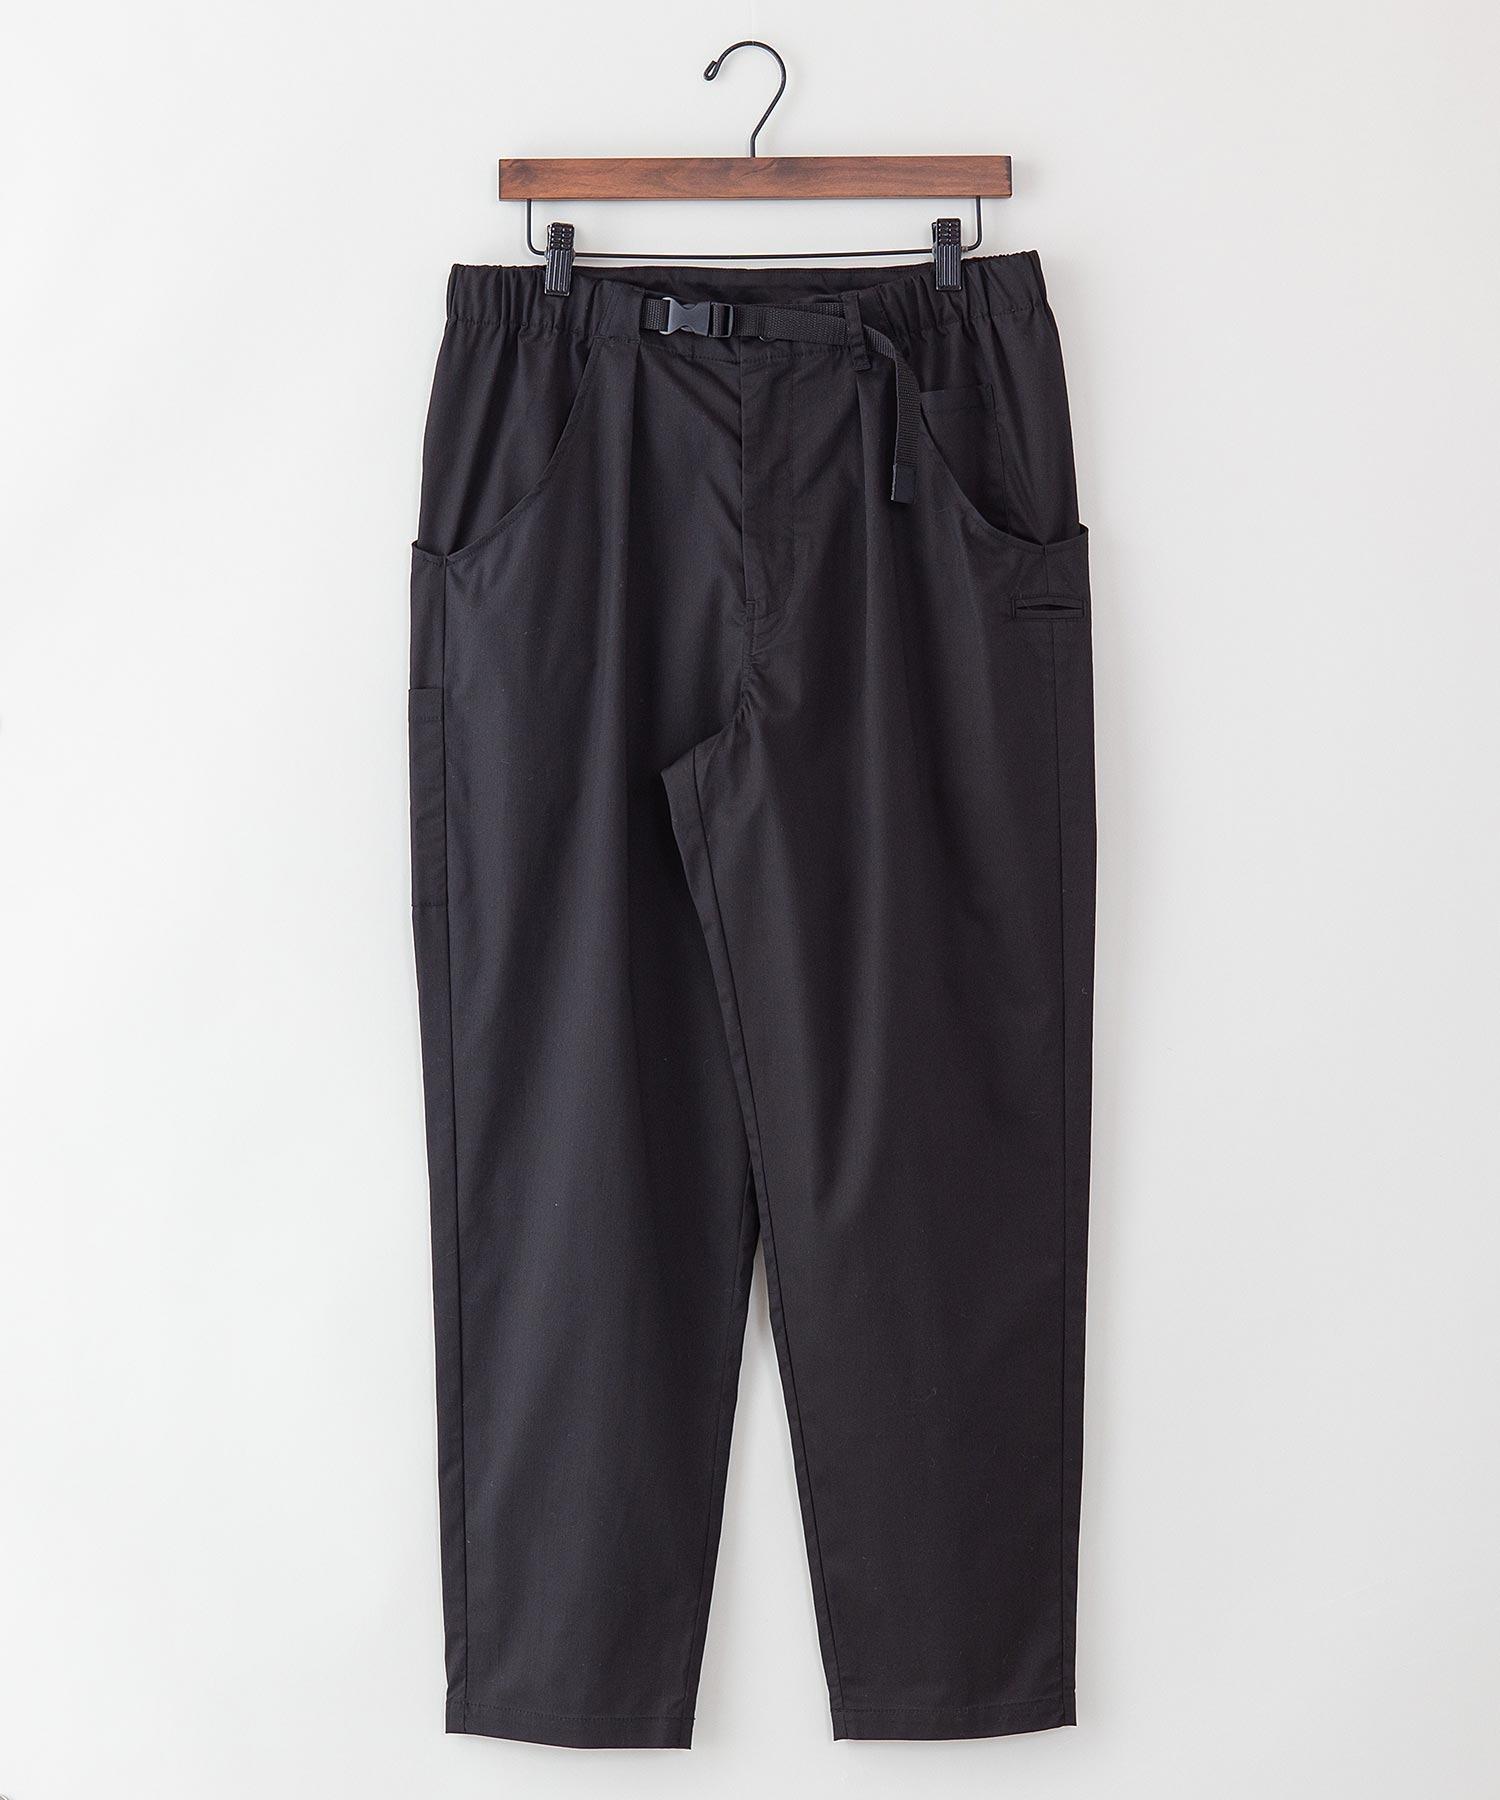 【着るバッグシリーズ】7ポケットイージーパンツ スリムシルエット 同色ワンポイントブランドロゴ ウエストEASY使用